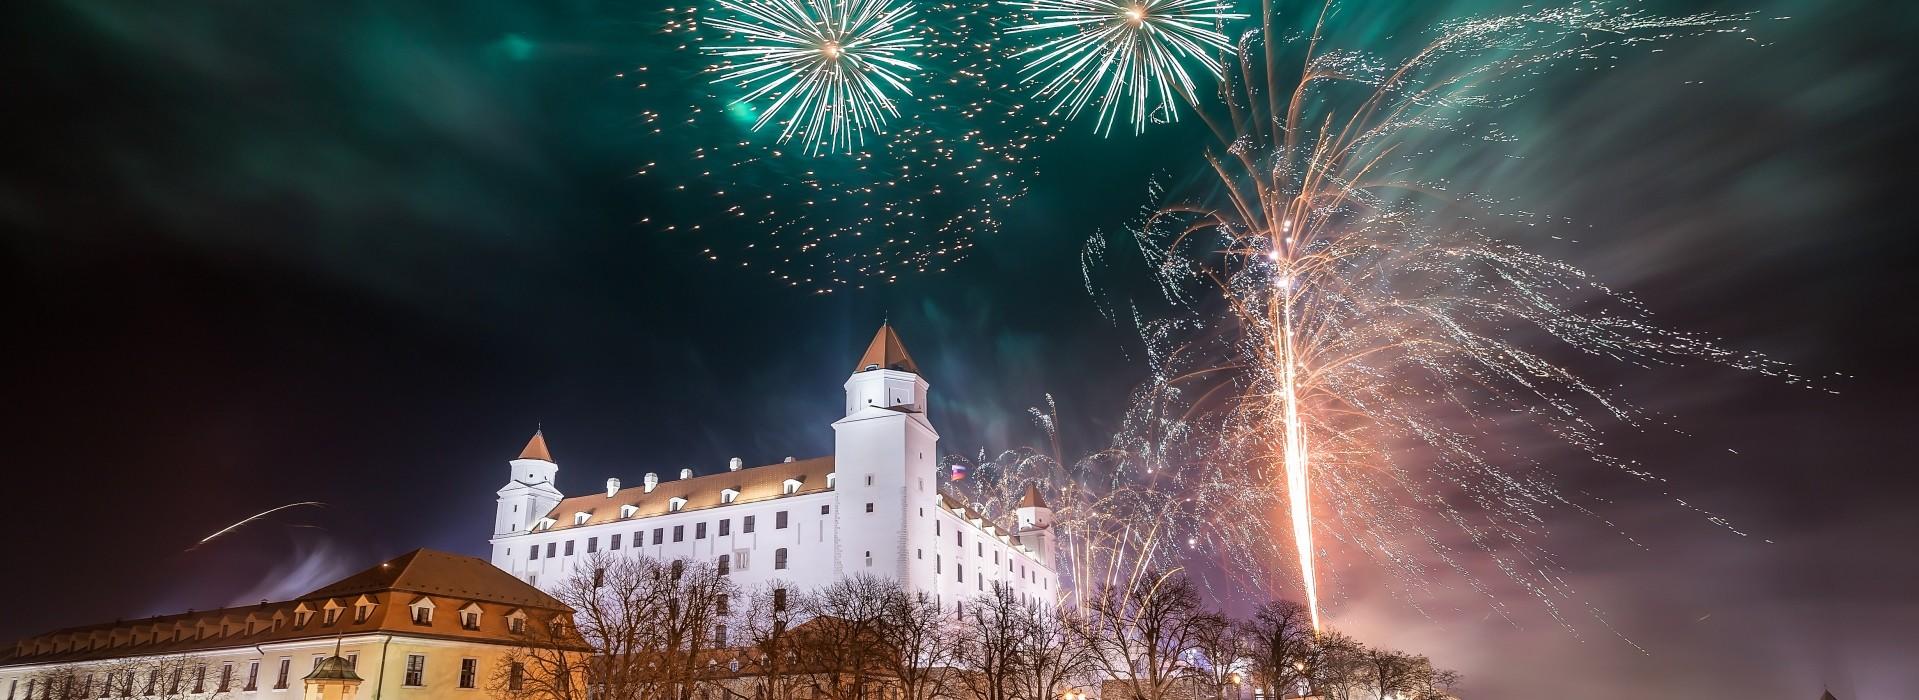 BratislavaNewYear